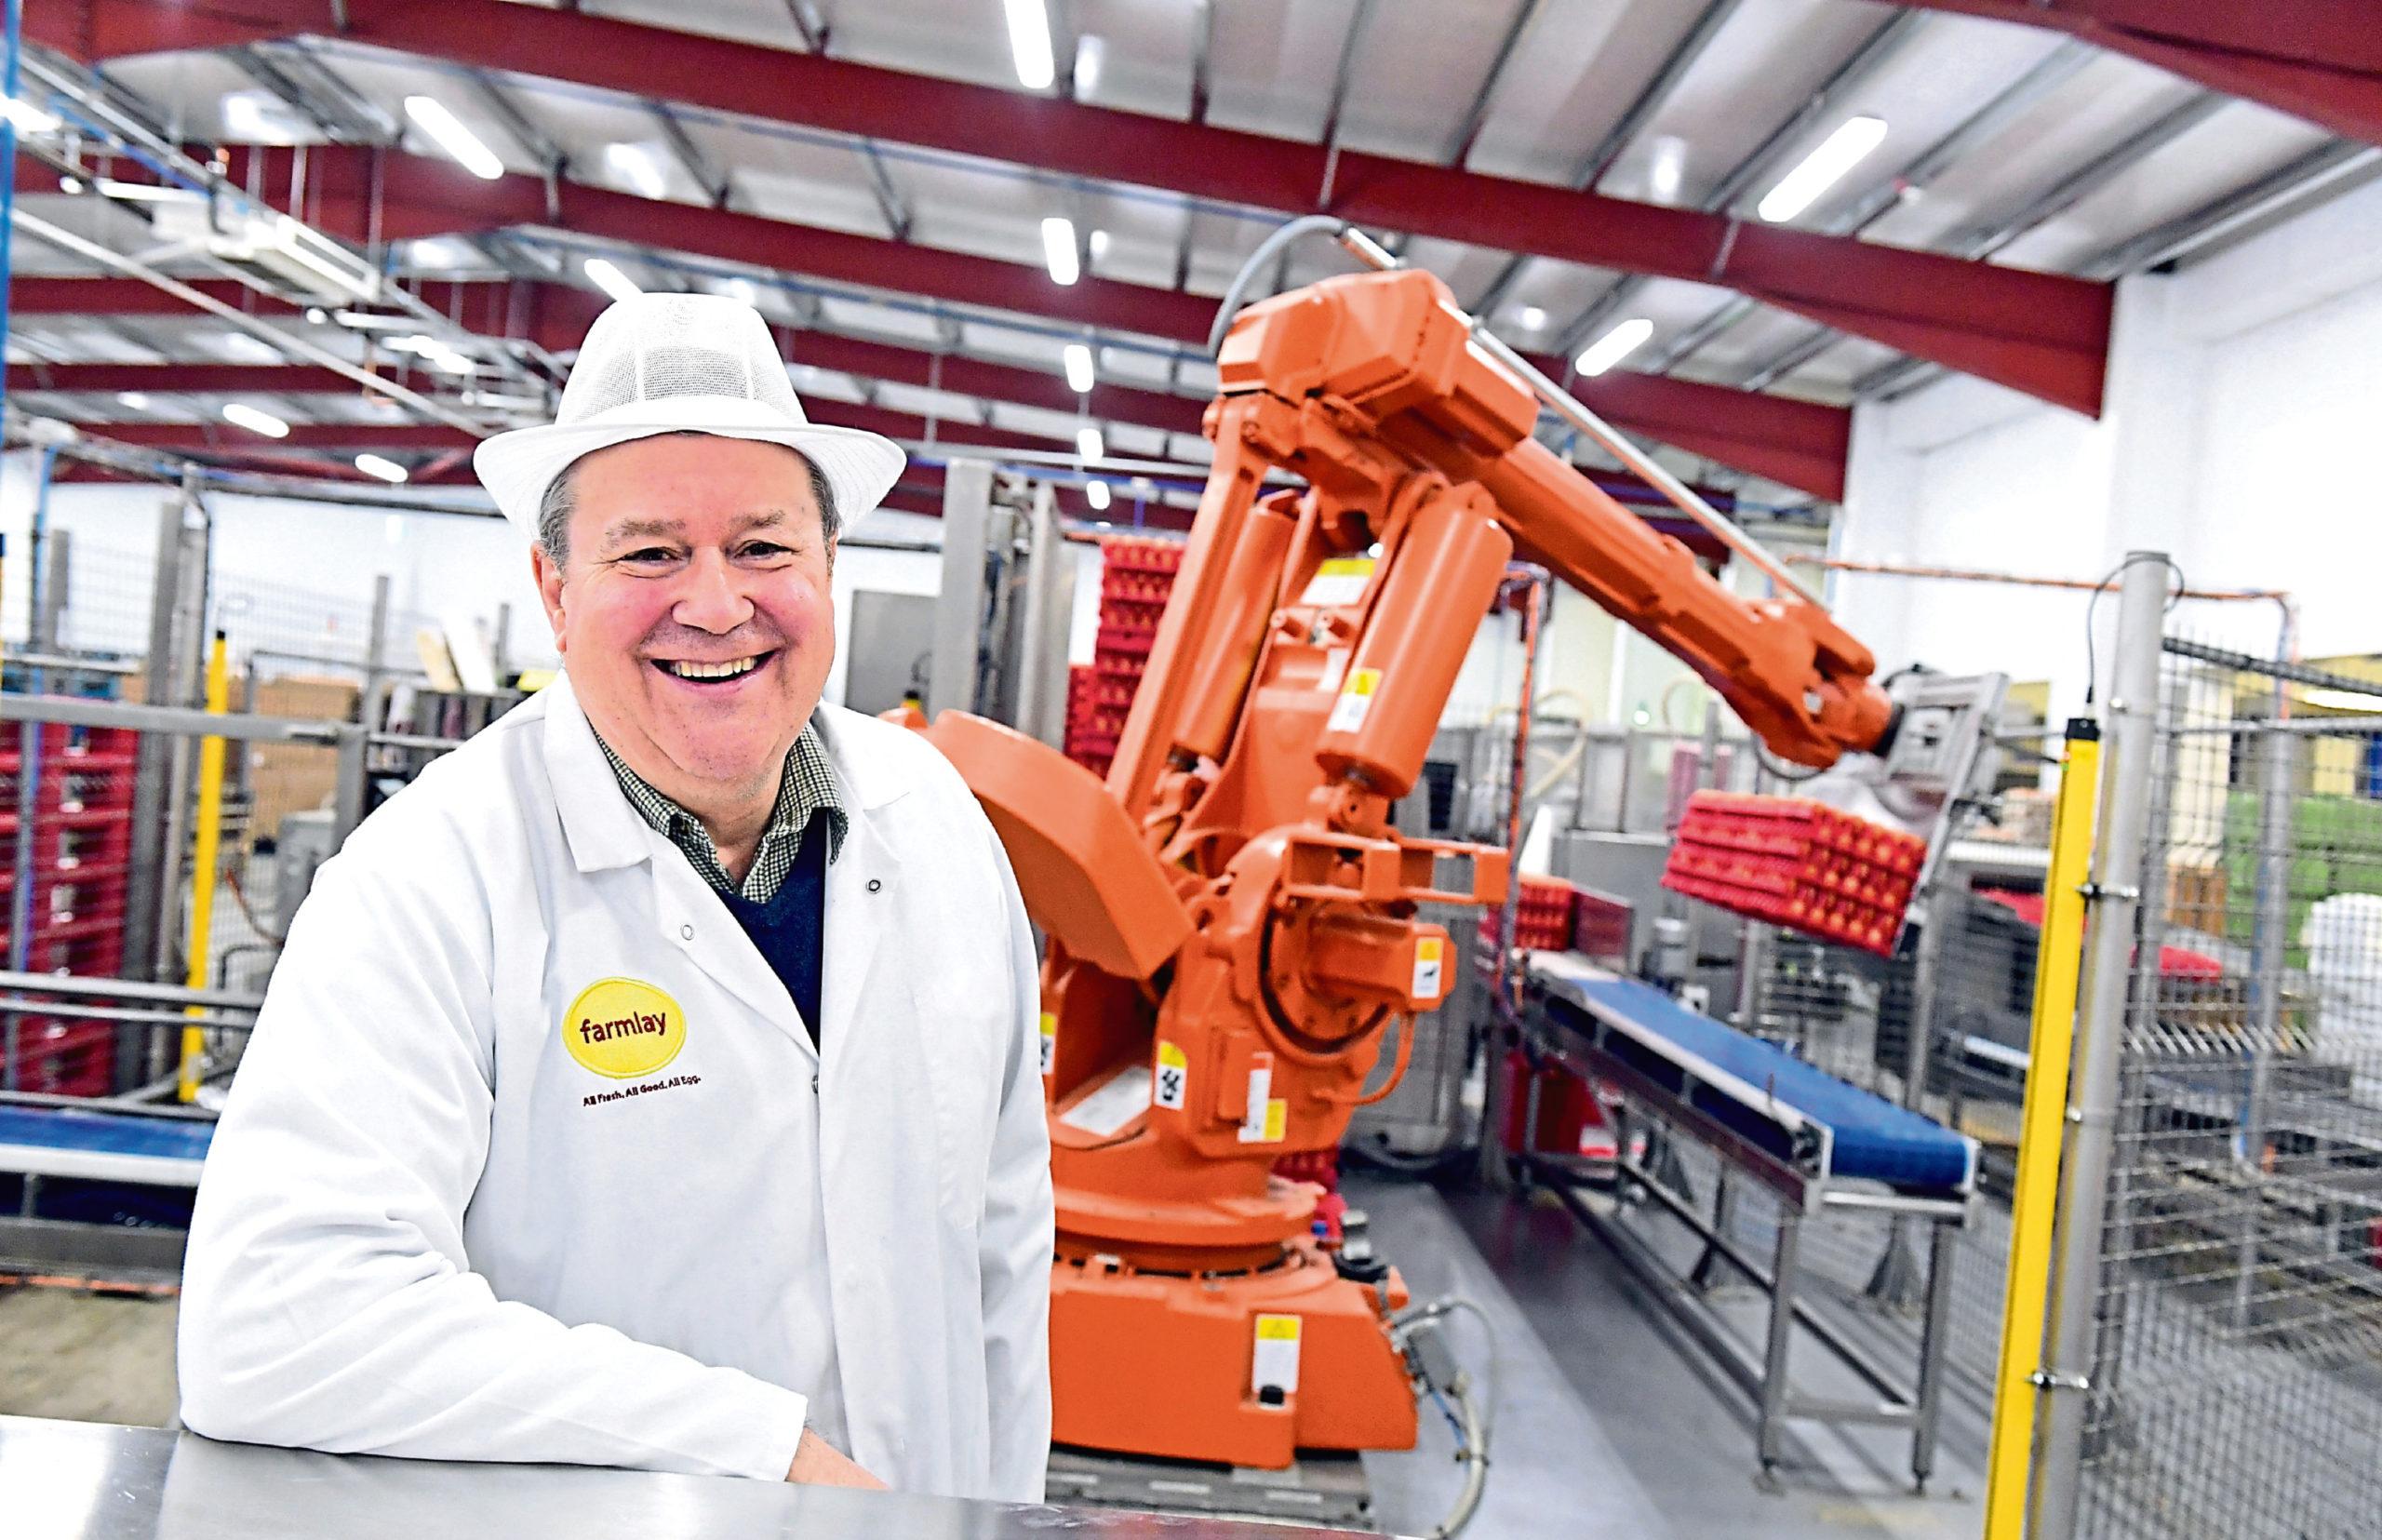 Robert Chapman of Farmlay Eggs.